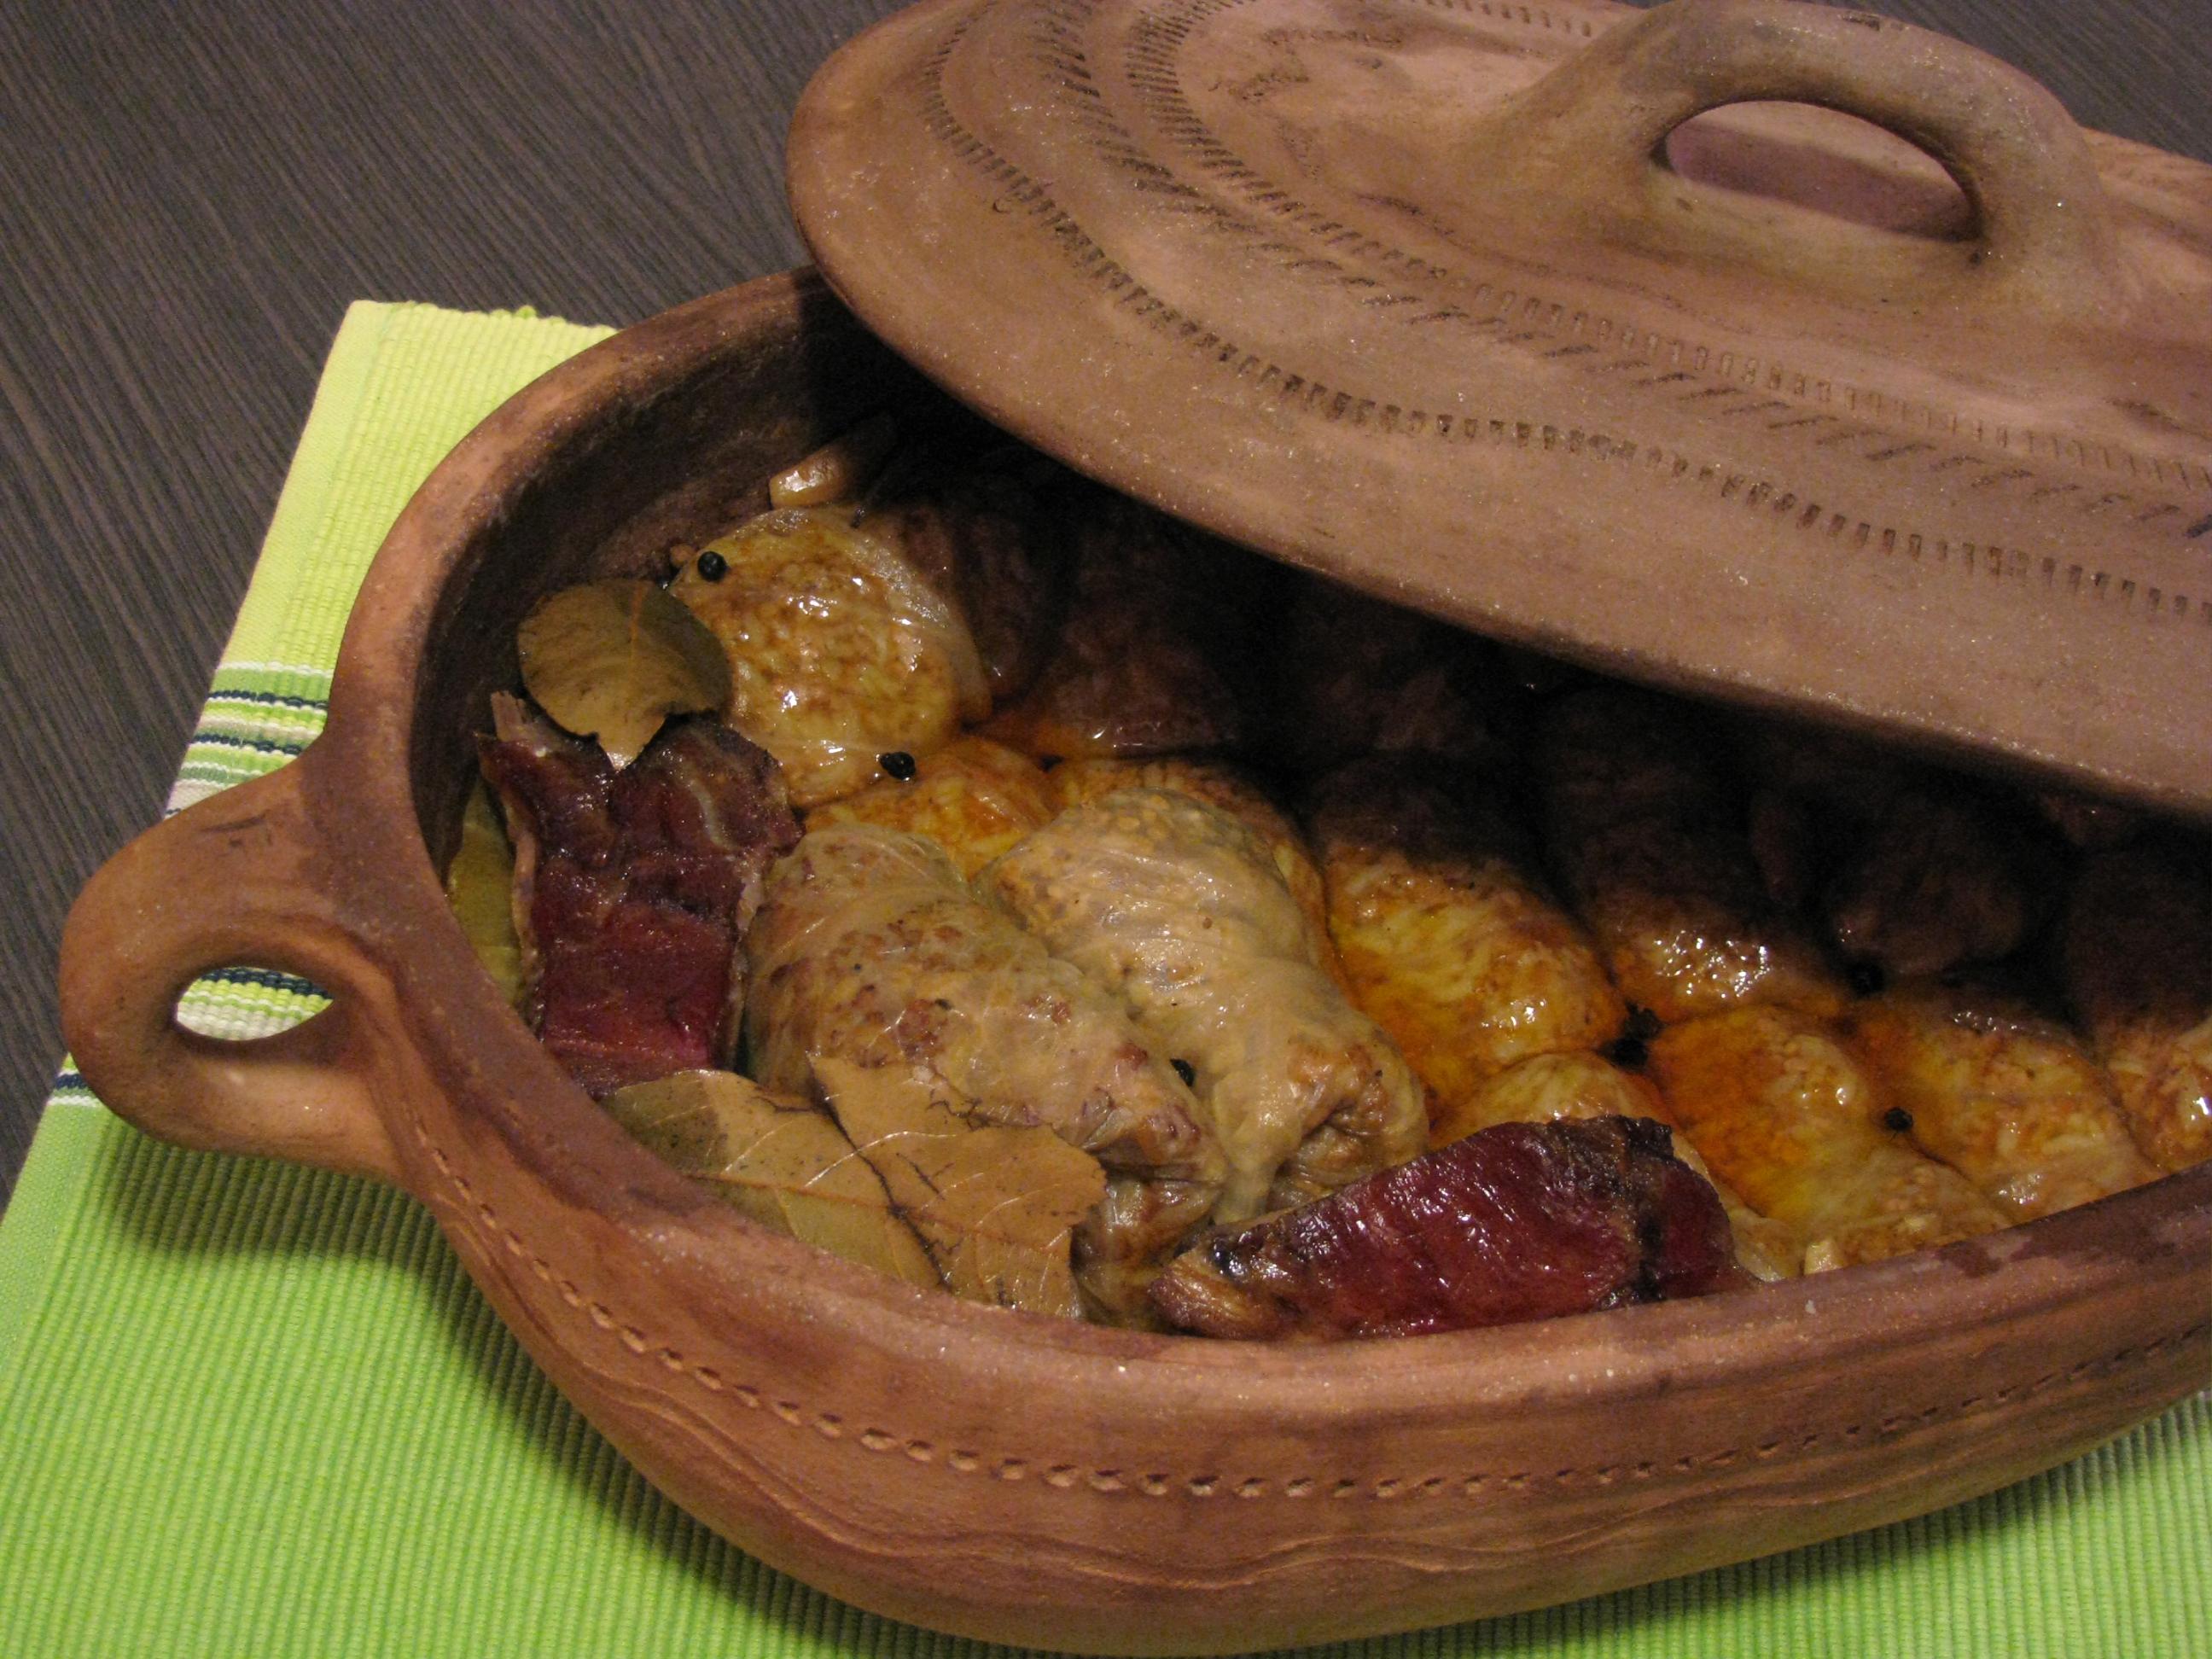 File:Serbian Sarma.jpg - Wikipedia